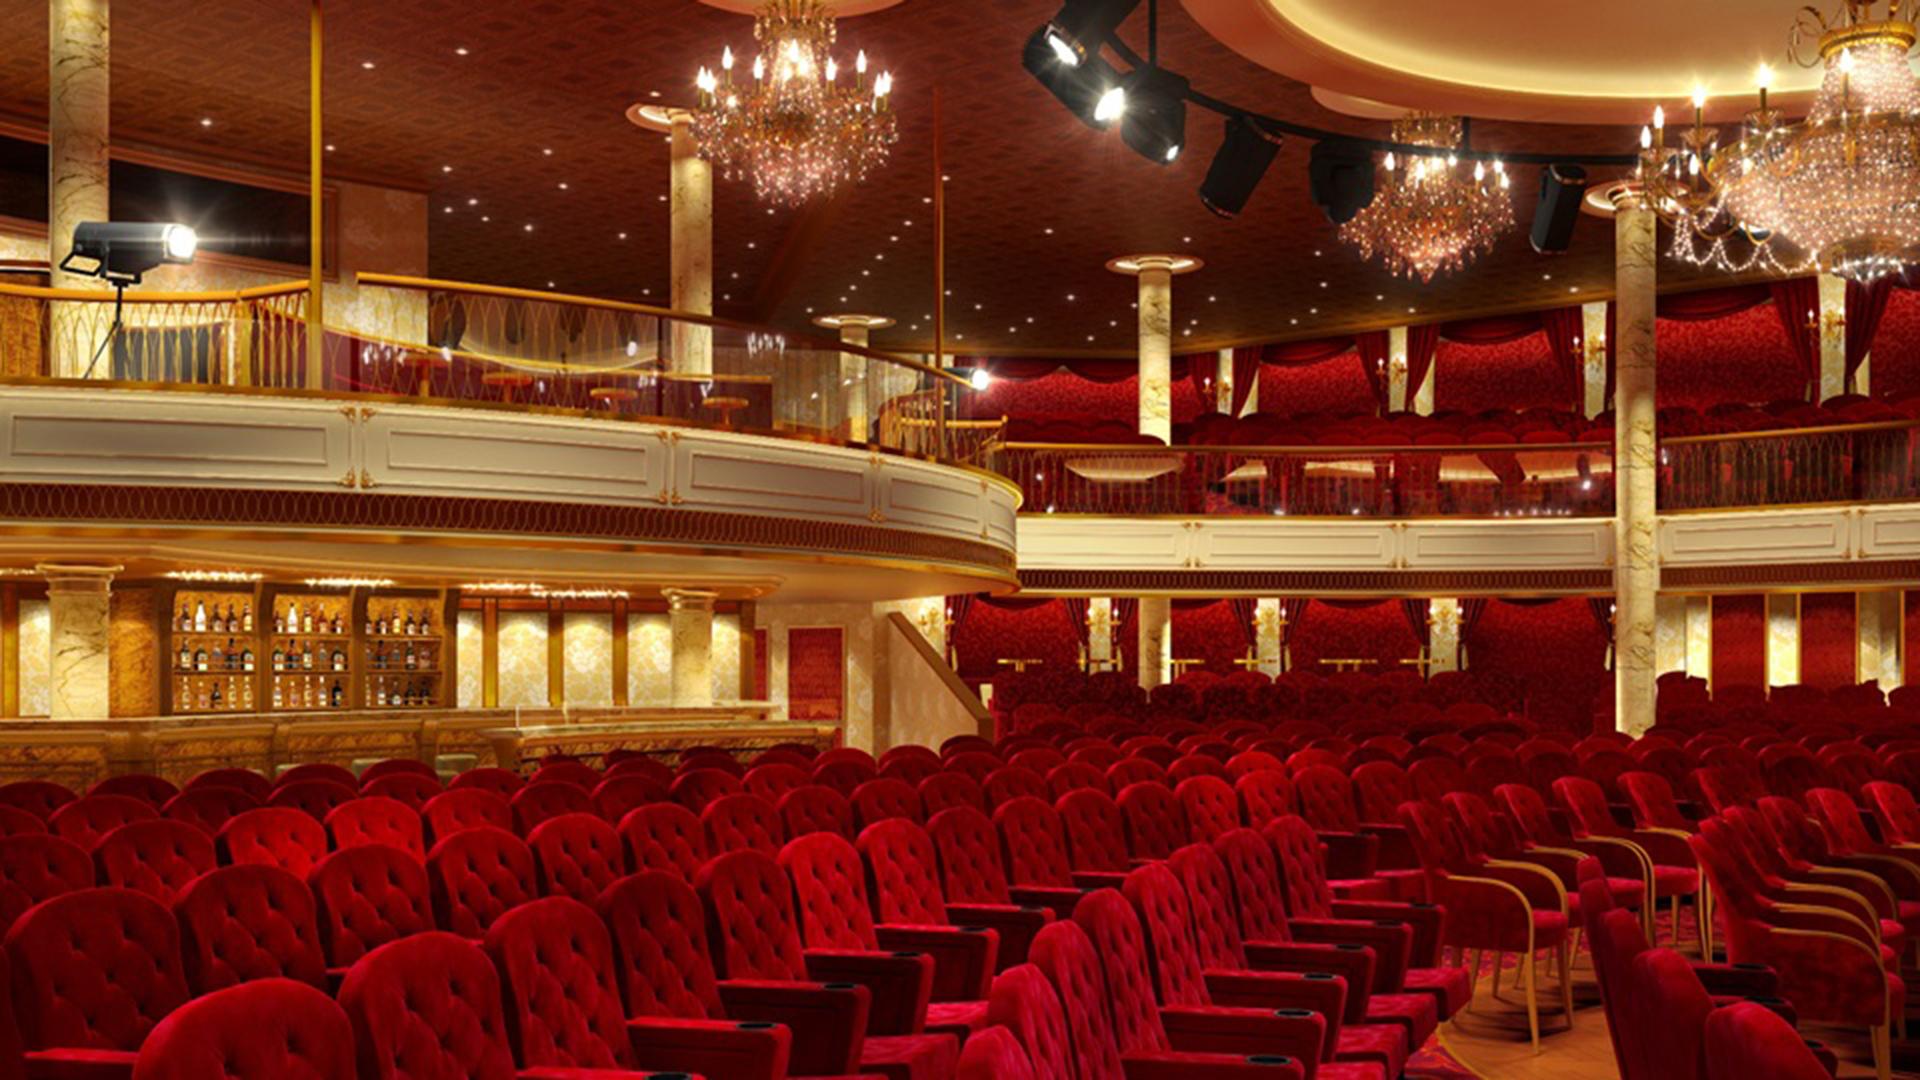 Teatro Rosso.